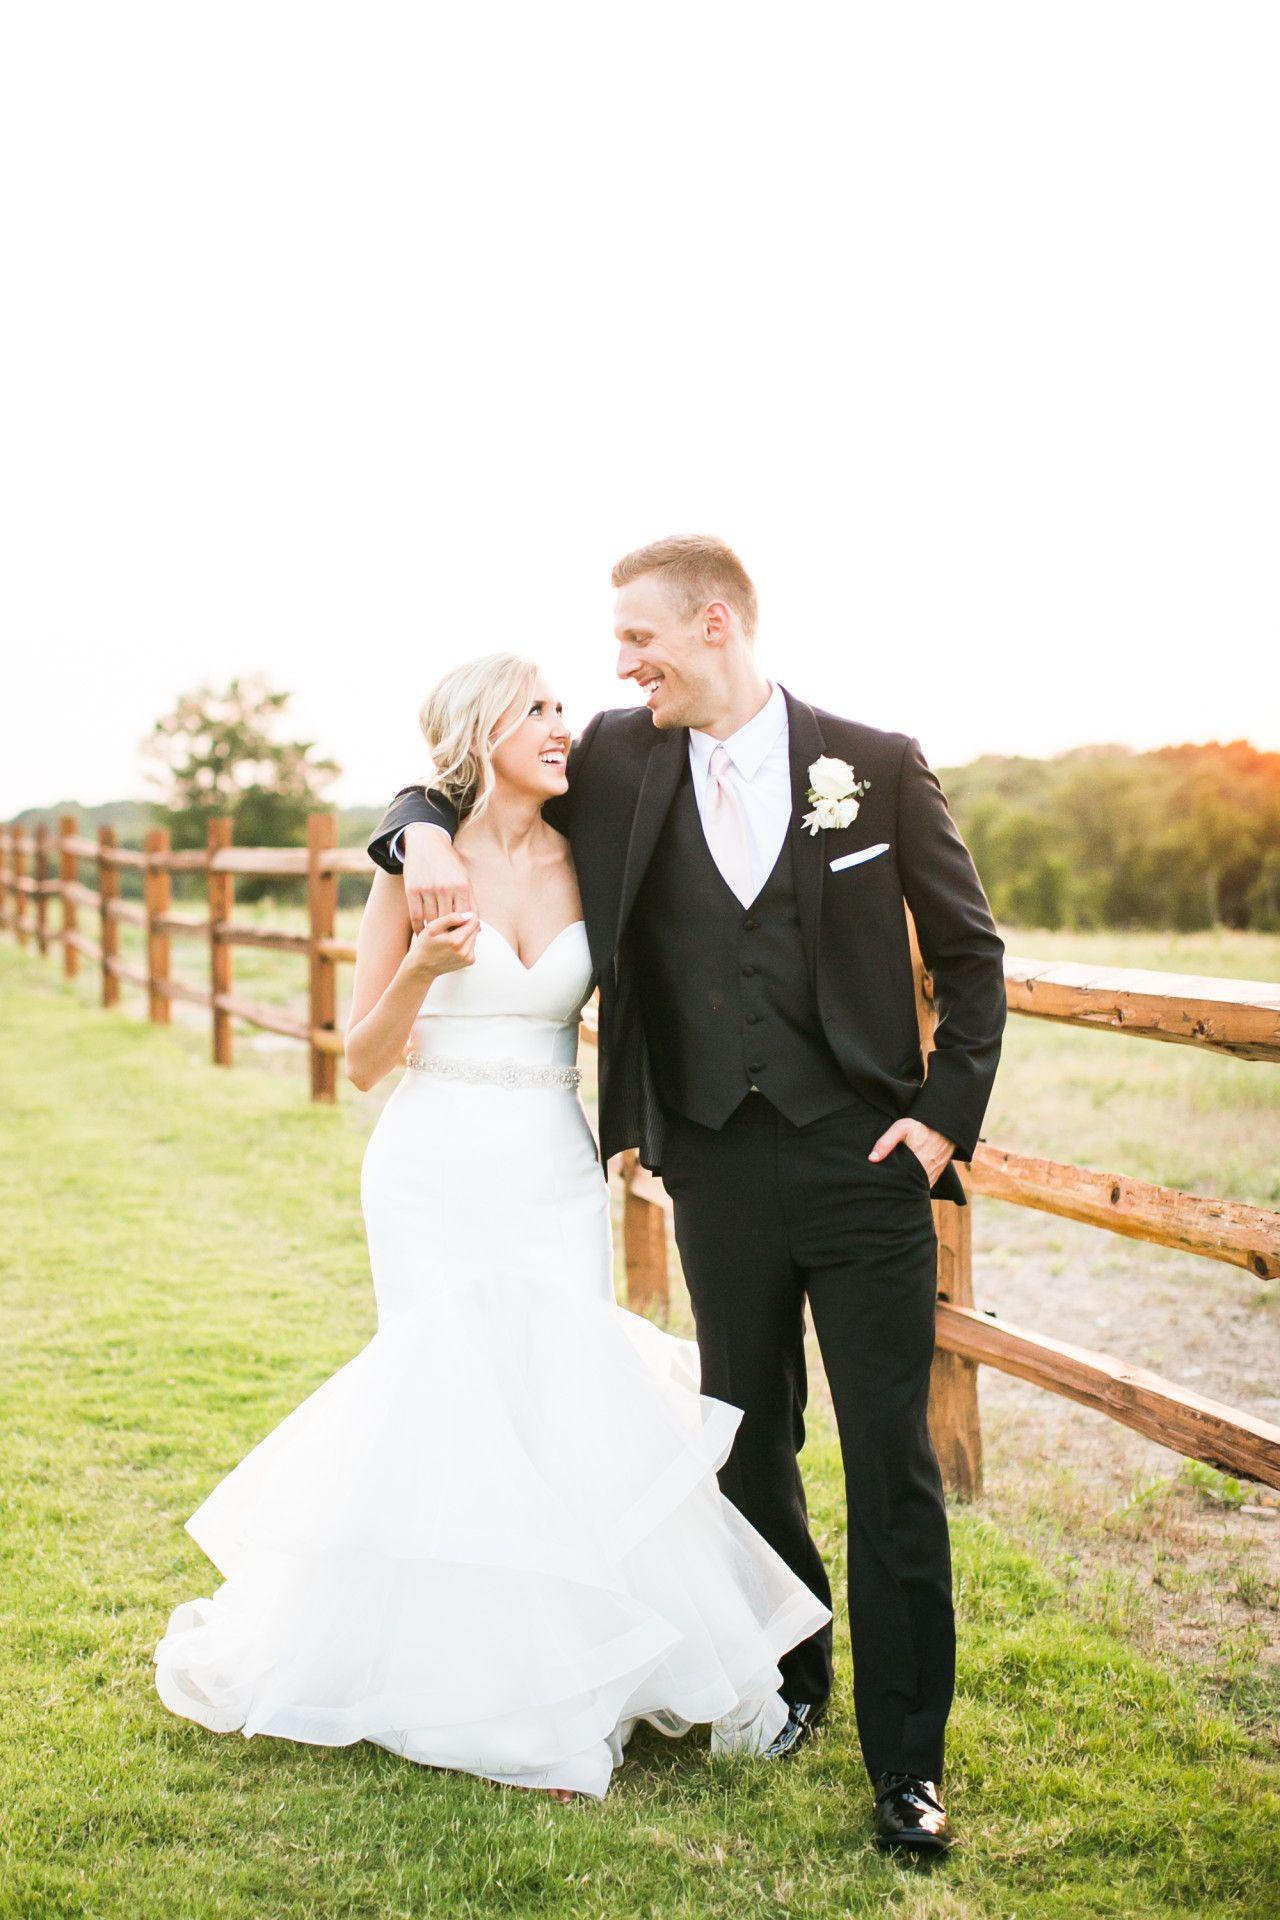 Tuscany hill wedding ceremony u reception hall wedding ideas